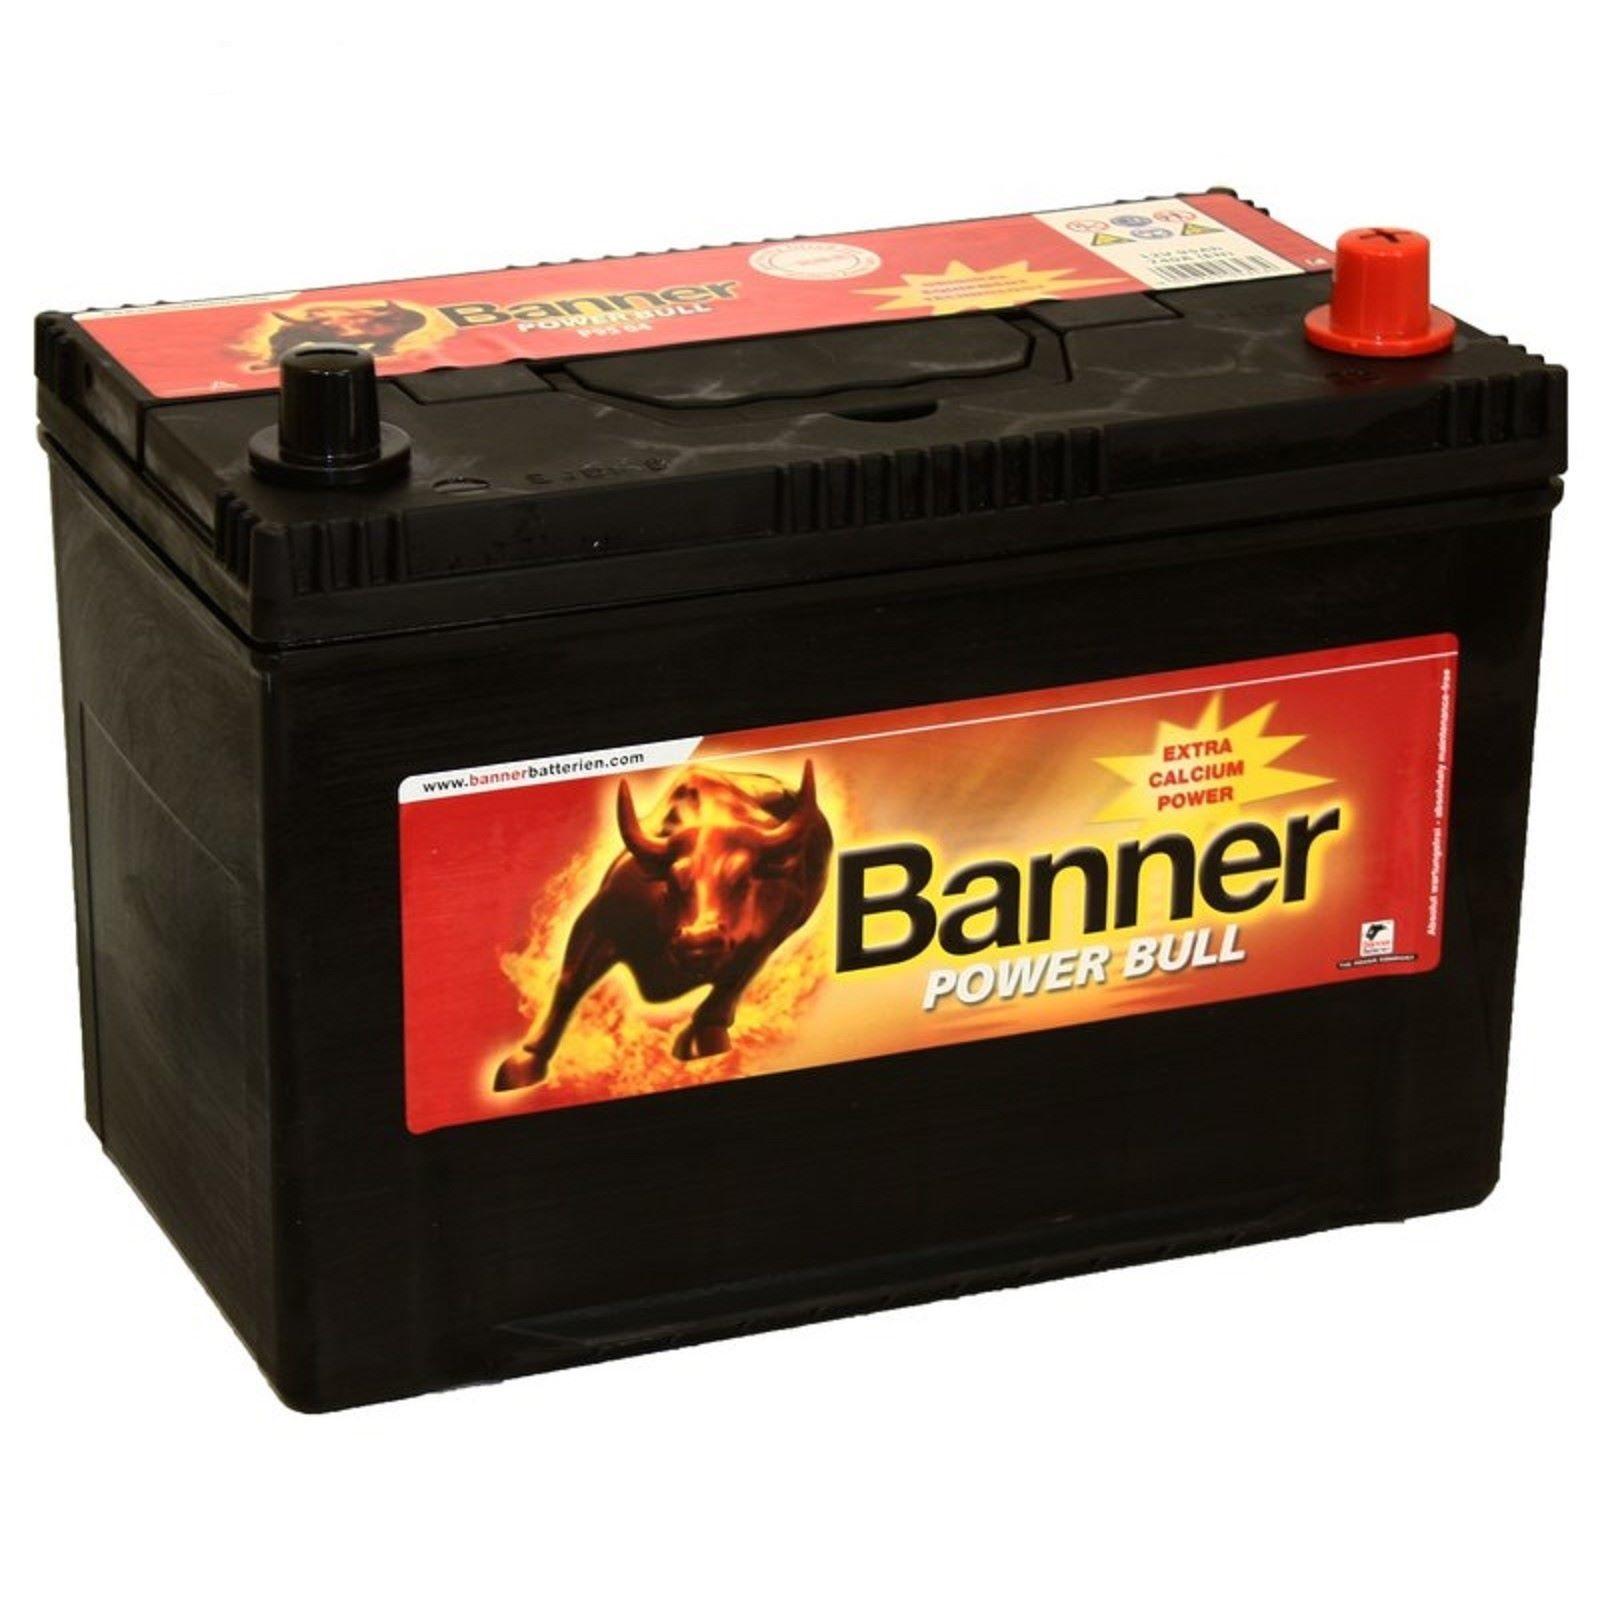 Аккумулятор Banner P95 04, арт. P95 04